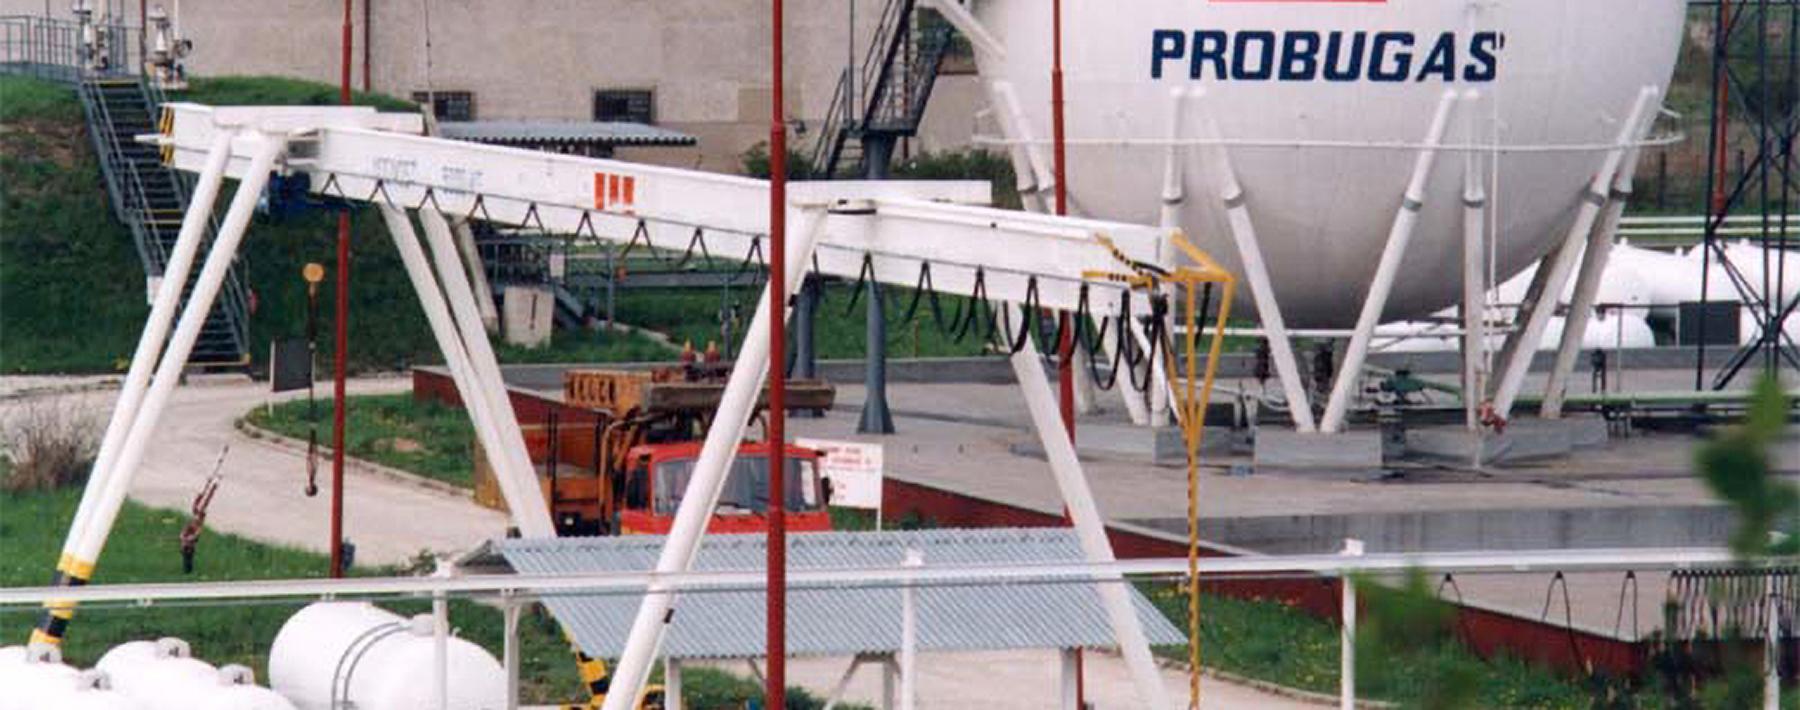 Single girder portal cranes